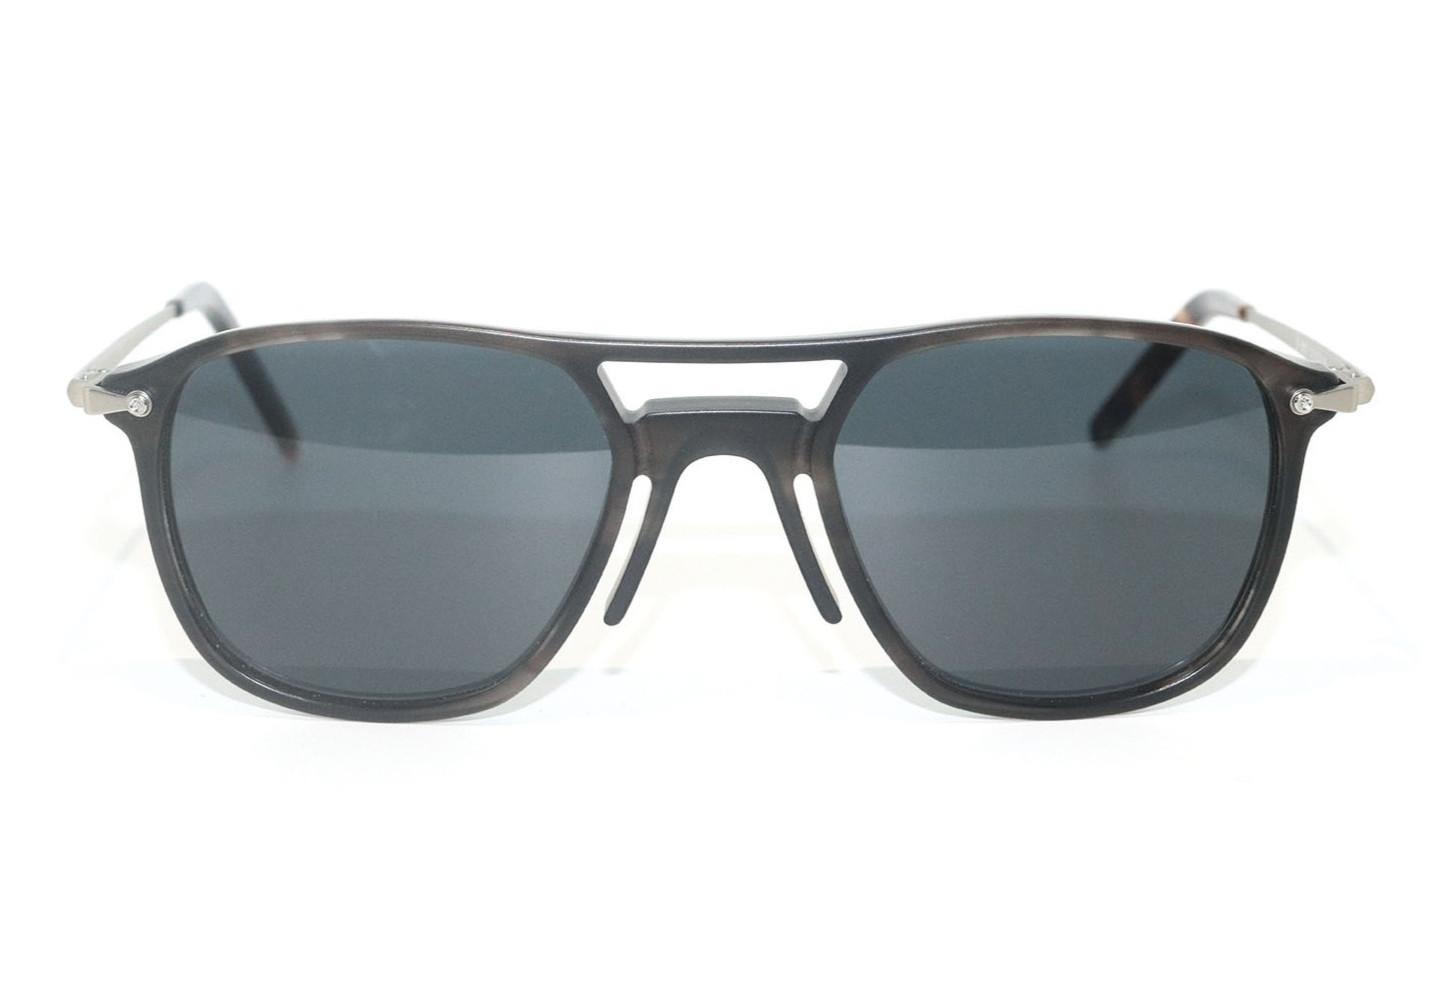 kleys-lunettes-francaises-VINCE-gris-mat